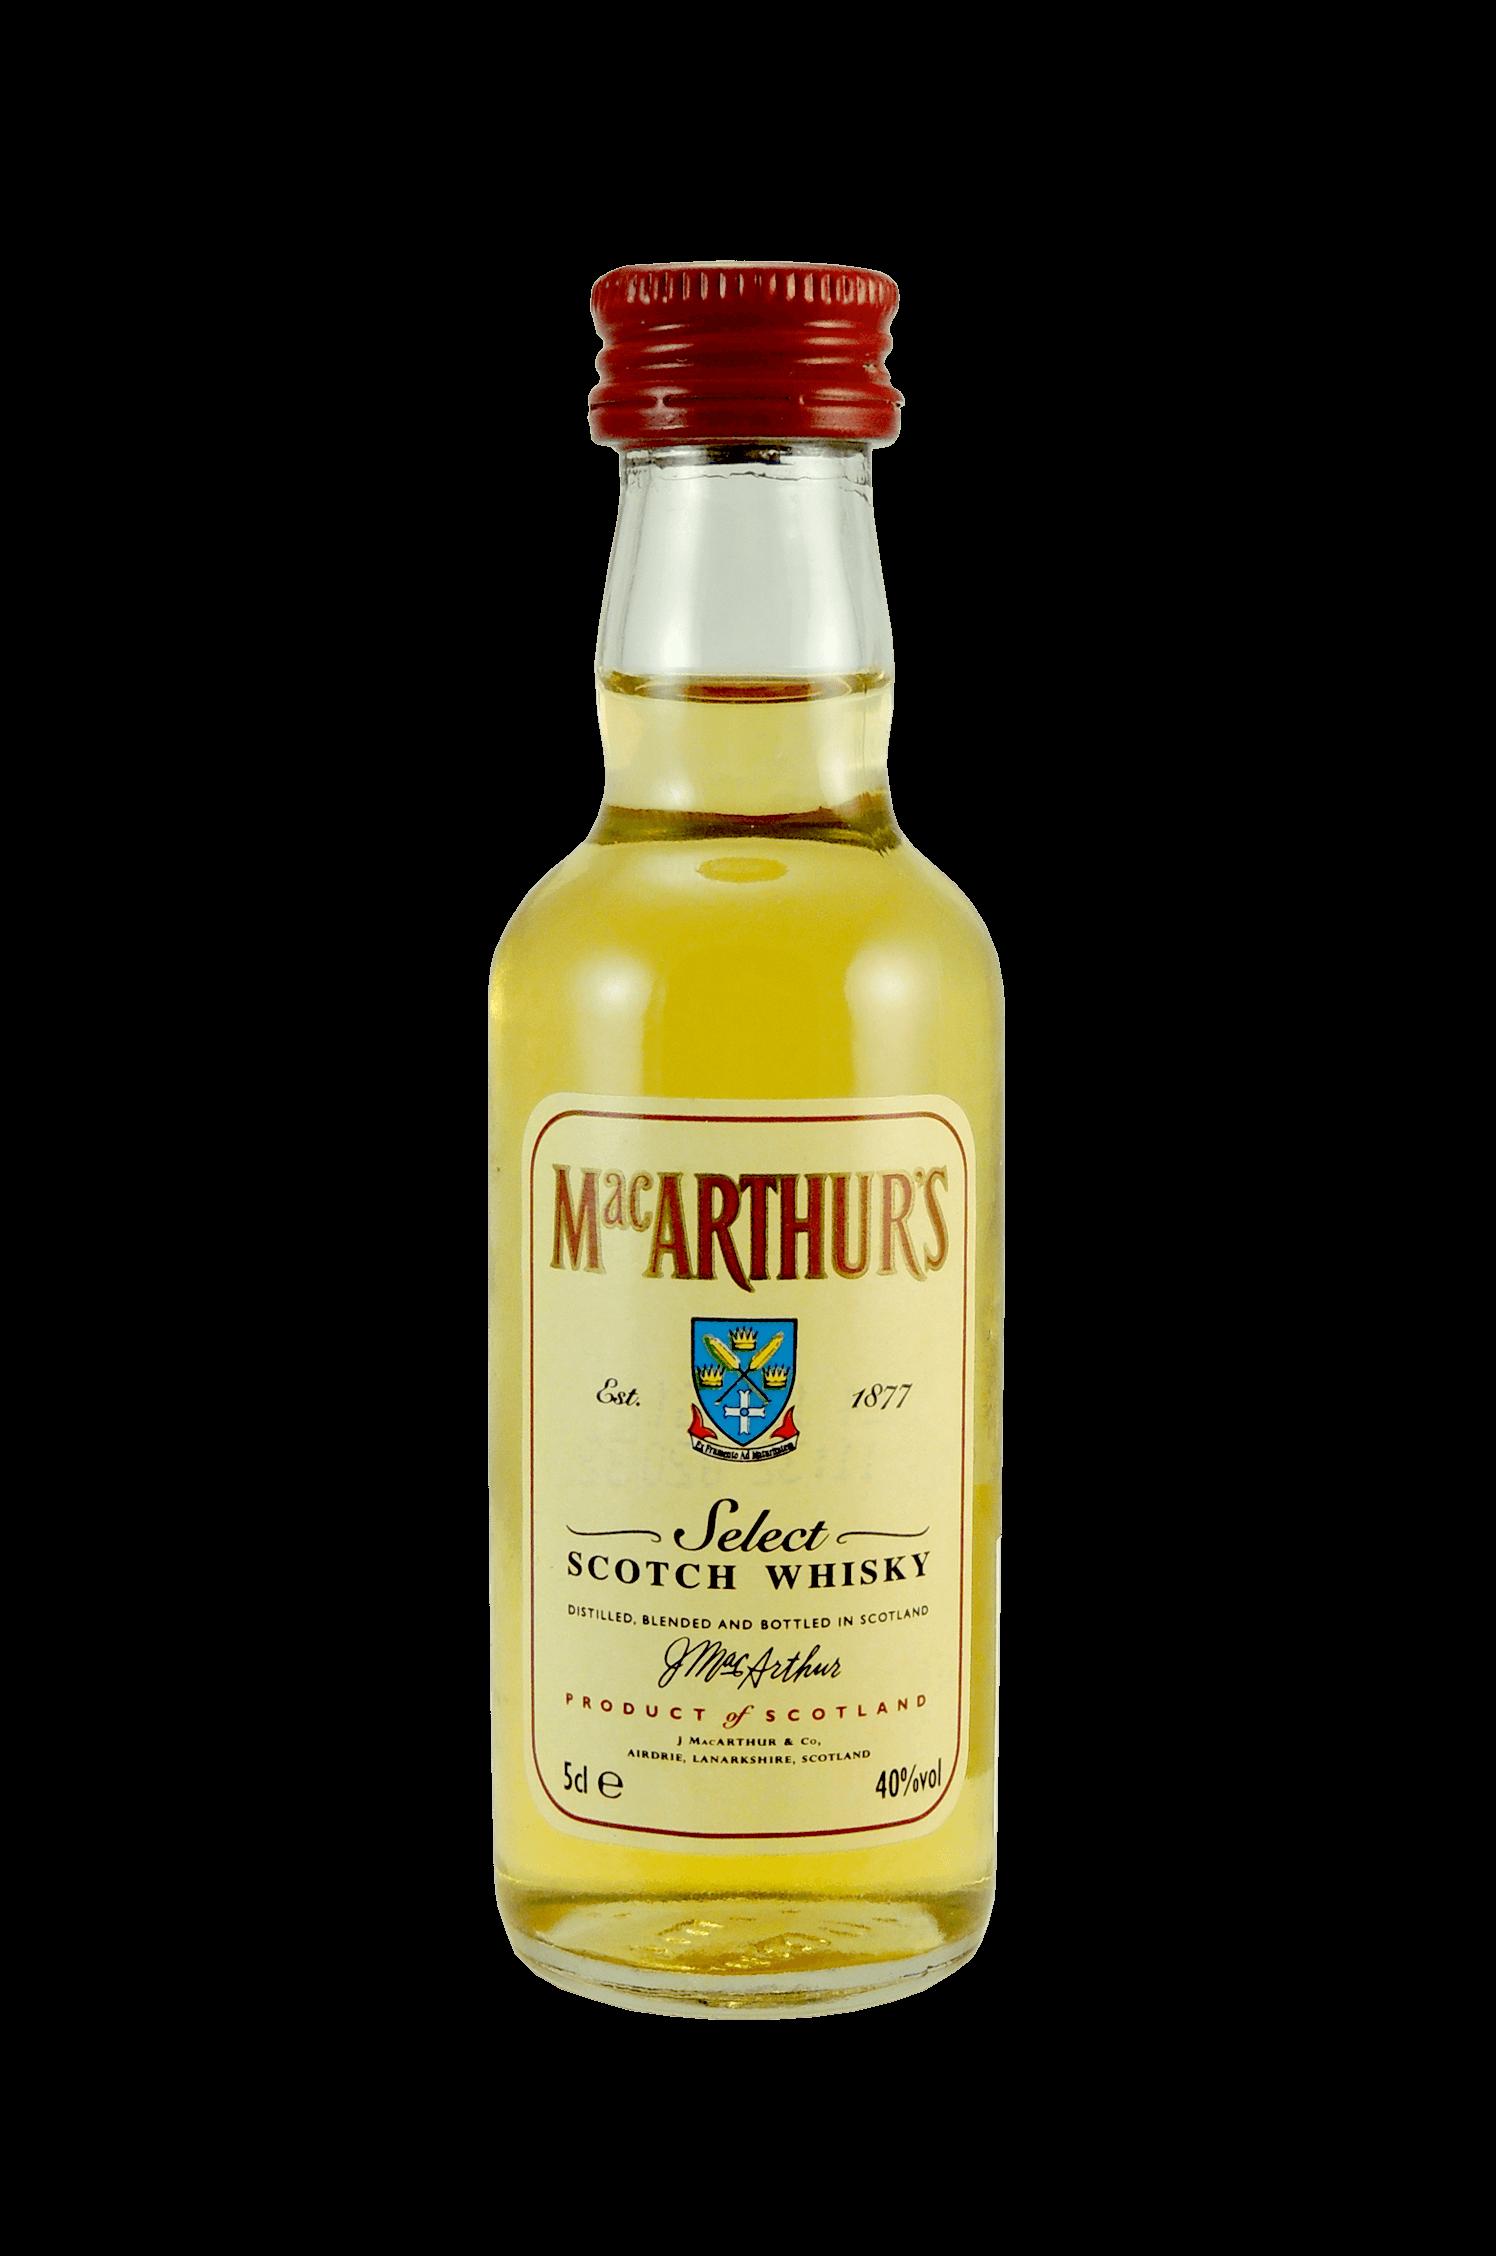 Macarthurs Whisky